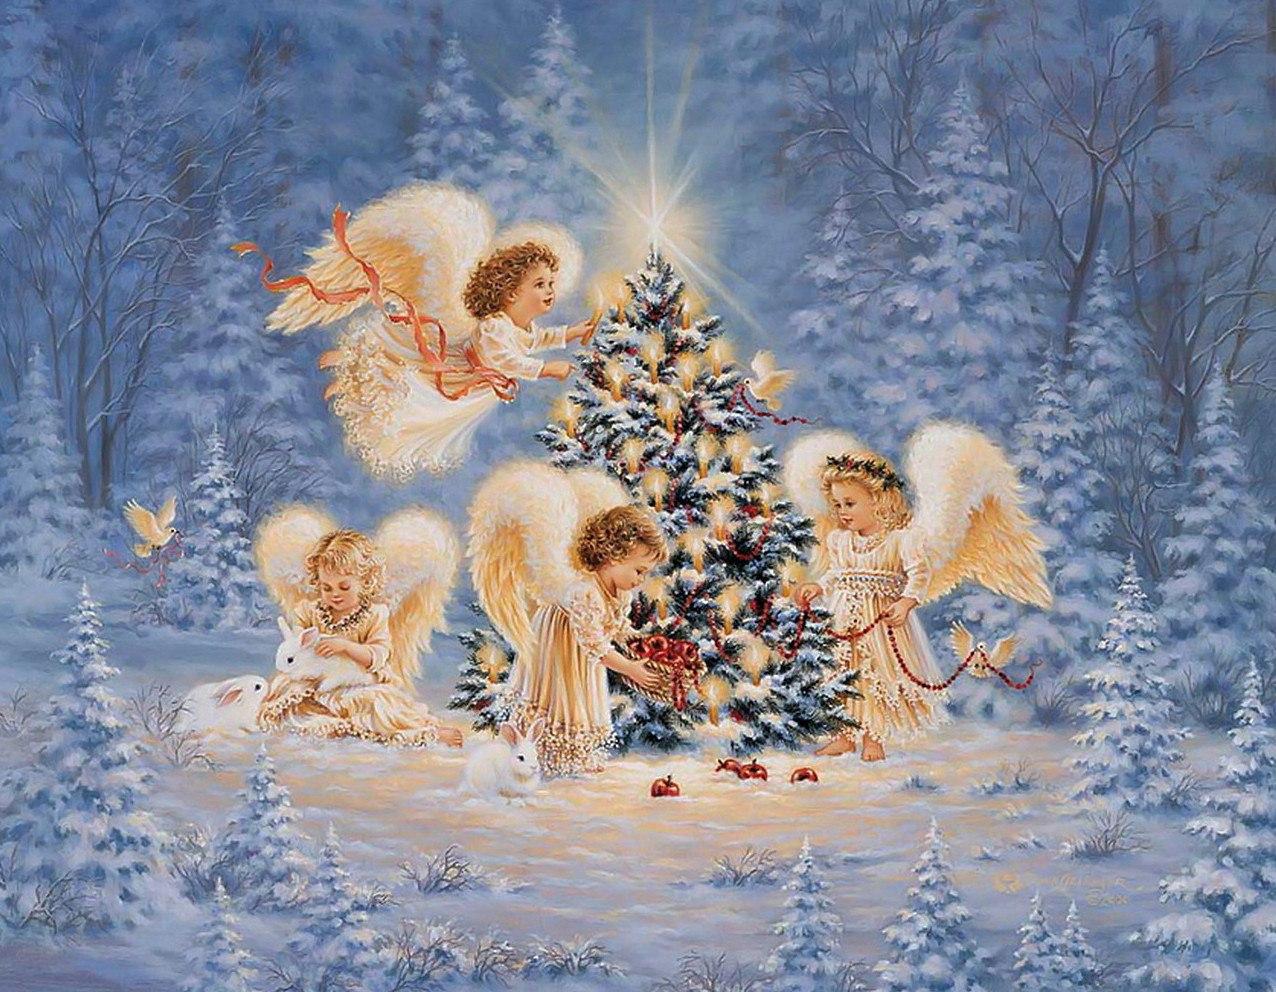 поздравление на новый год и рождество рисунки представляется